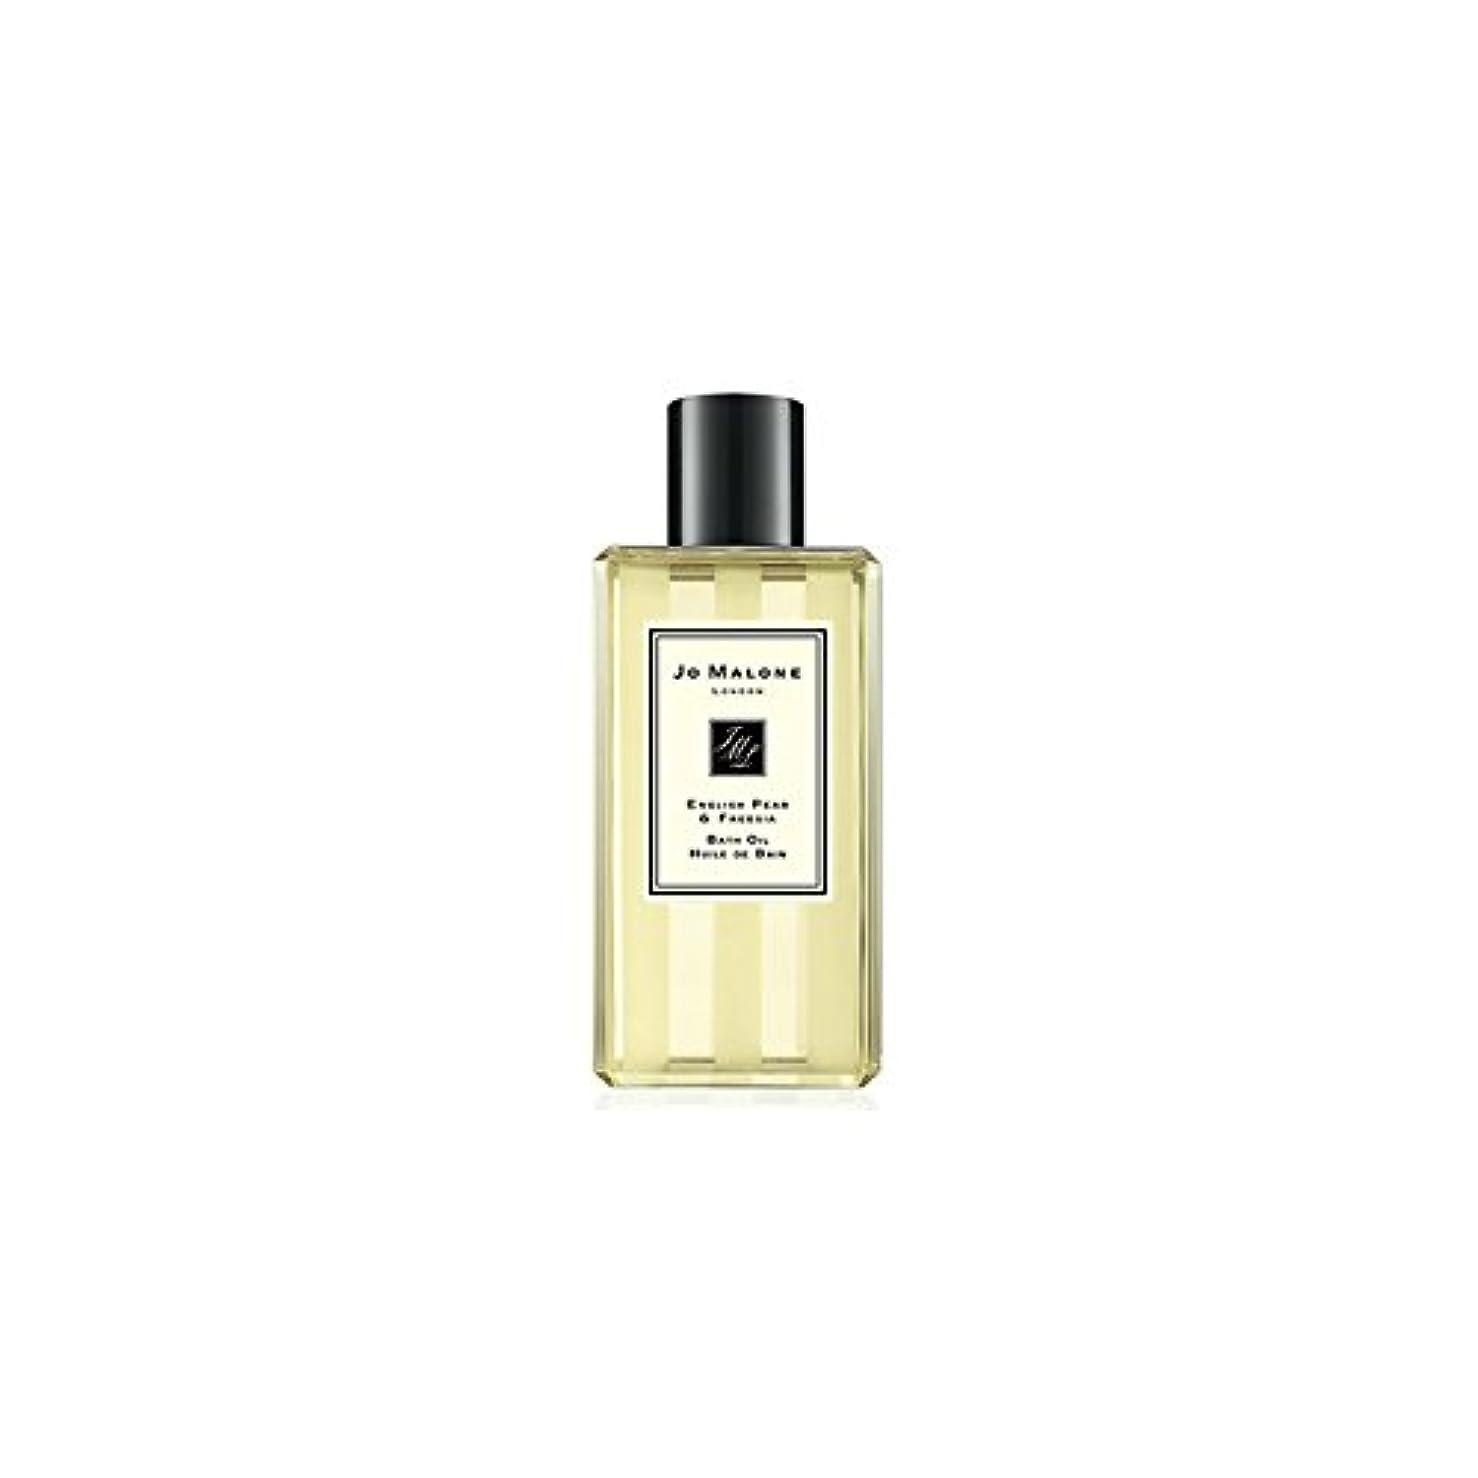 情熱低いこだわりJo Malone English Pear & Freesia Bath Oil - 250ml (Pack of 2) - ジョーマローン英語梨&フリージアのバスオイル - 250ミリリットル (x2) [並行輸入品]